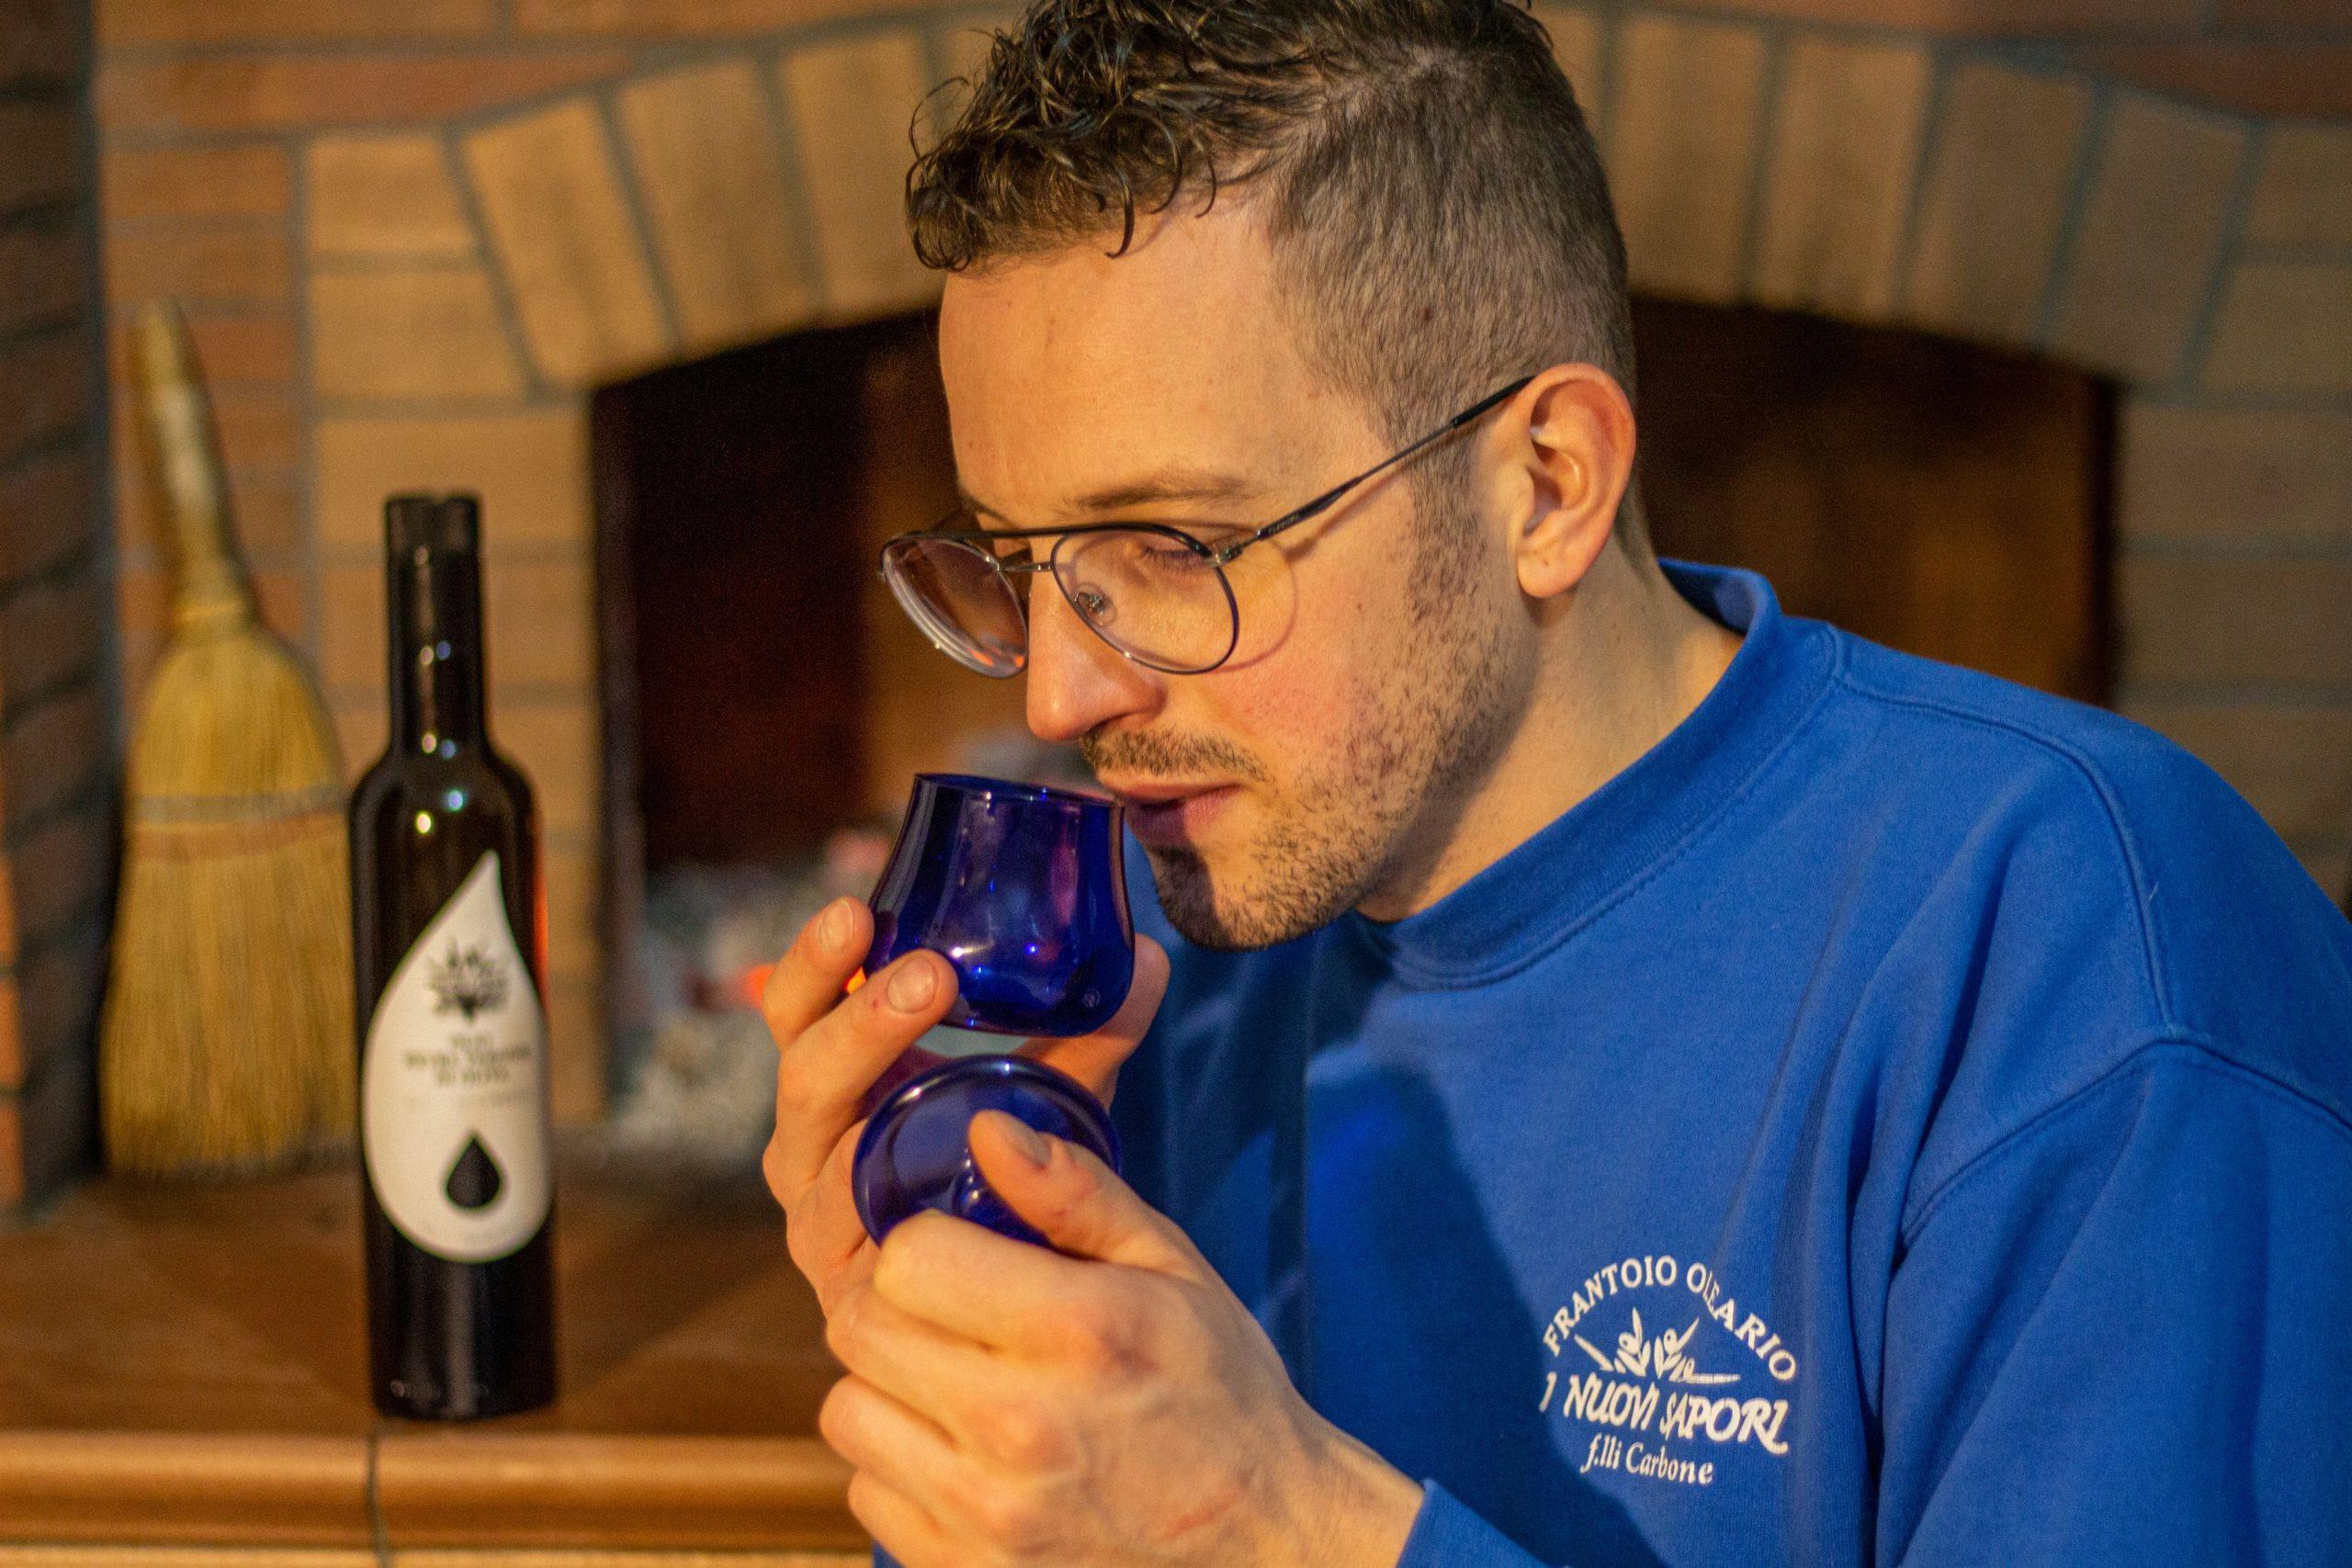 degustazione olio: come allenare l'olfatto.